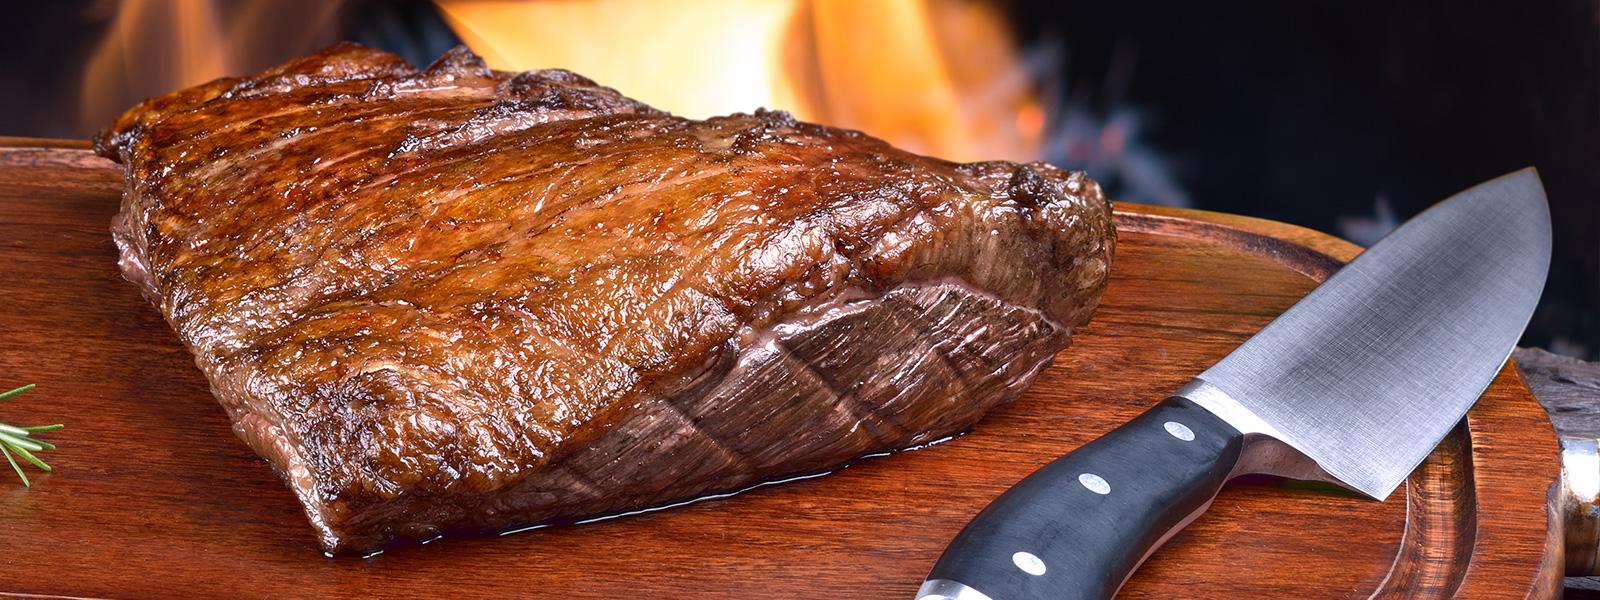 Picanha - Rump Cap - Grill Street BBQ